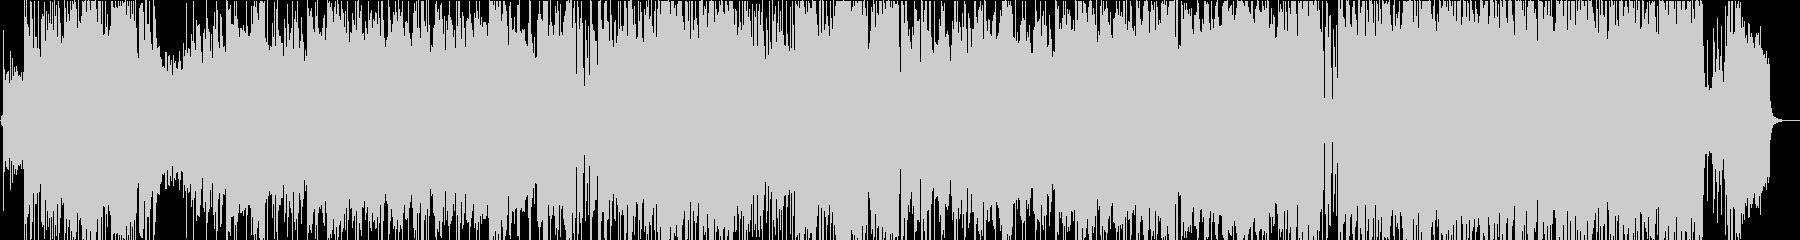 センチメンタルなクラリネット Mix-Bの未再生の波形